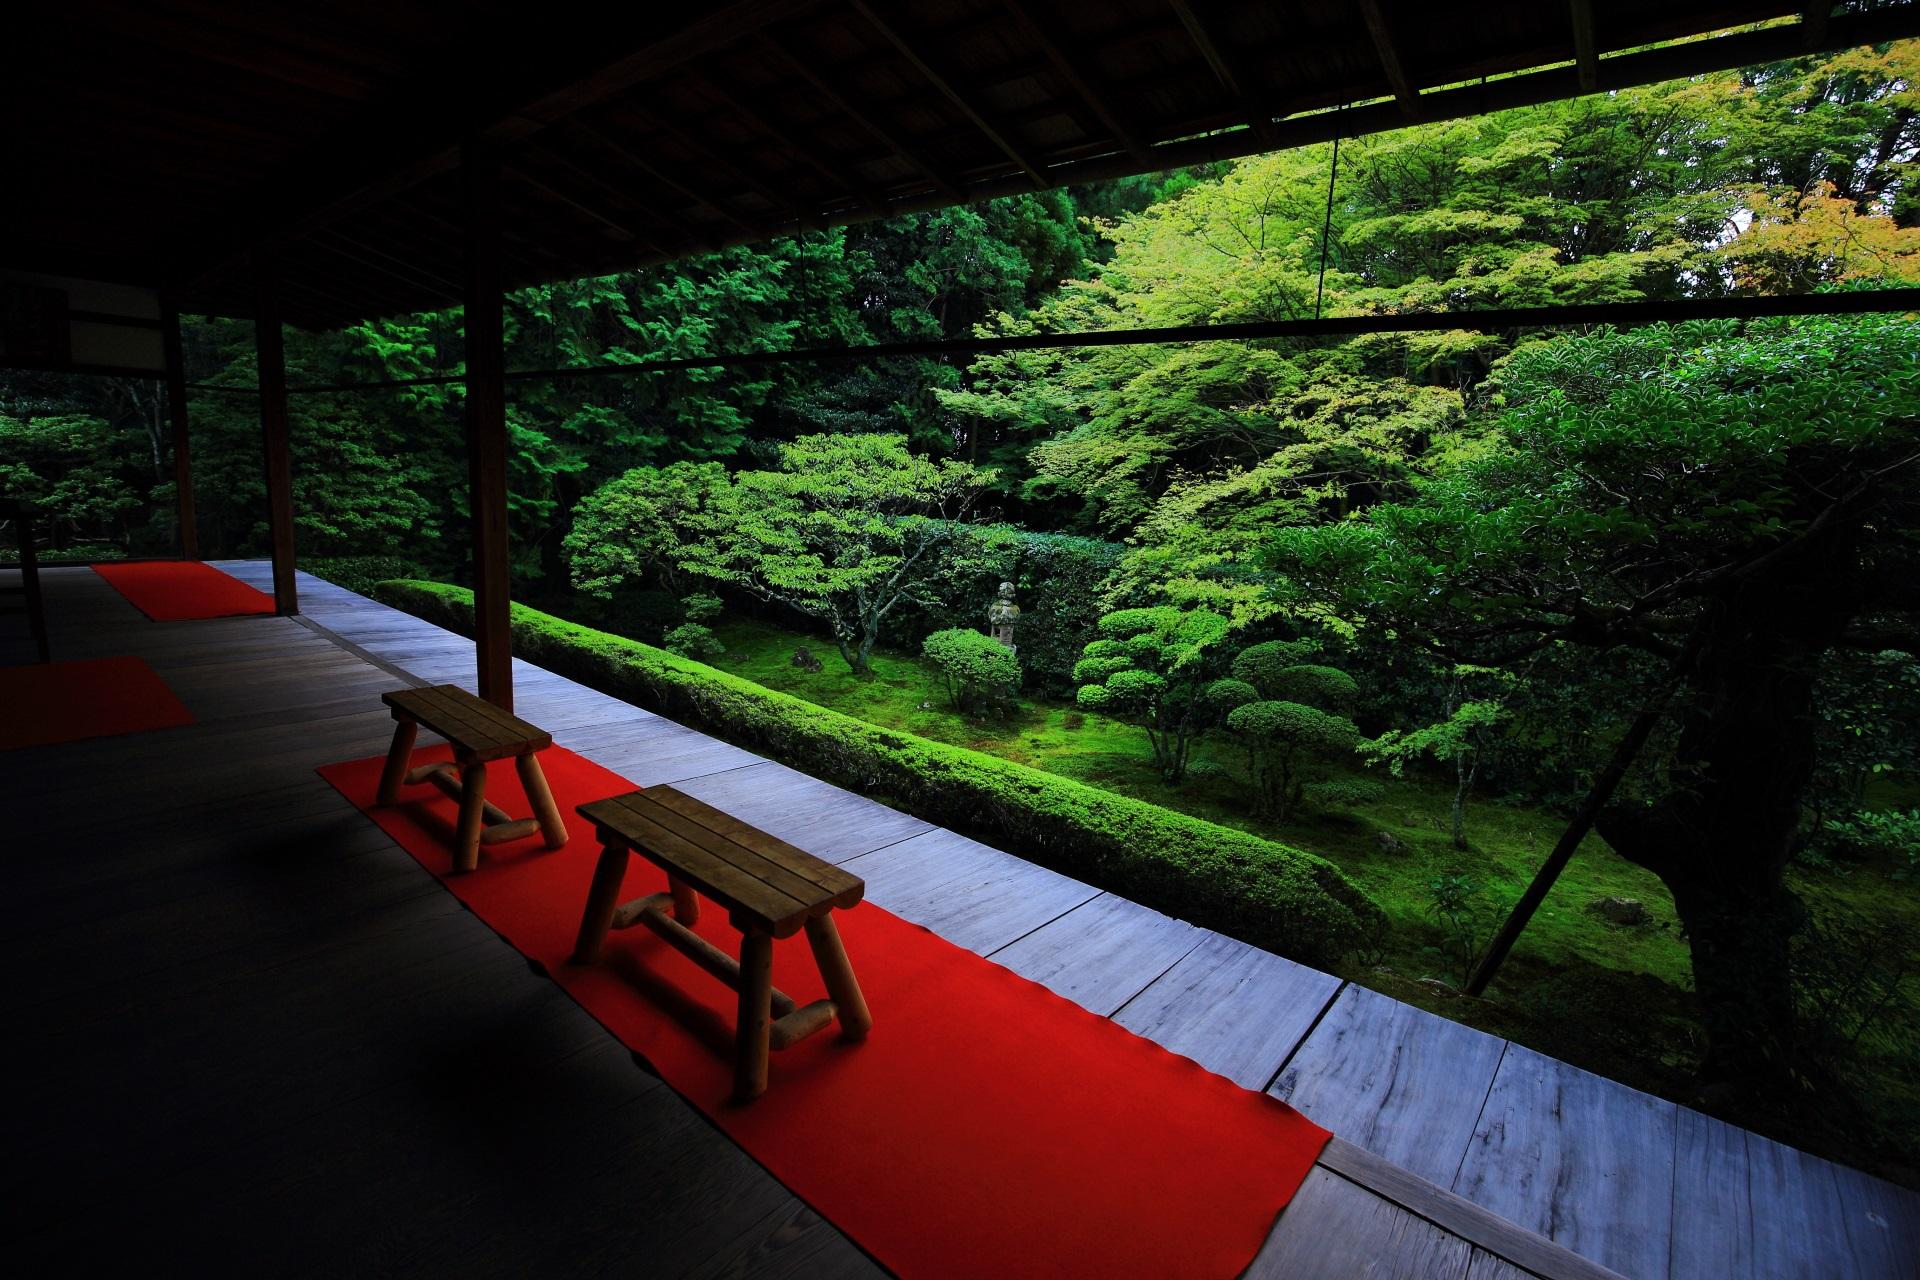 桂春院 庭園 美しい緑と風情ある彩り